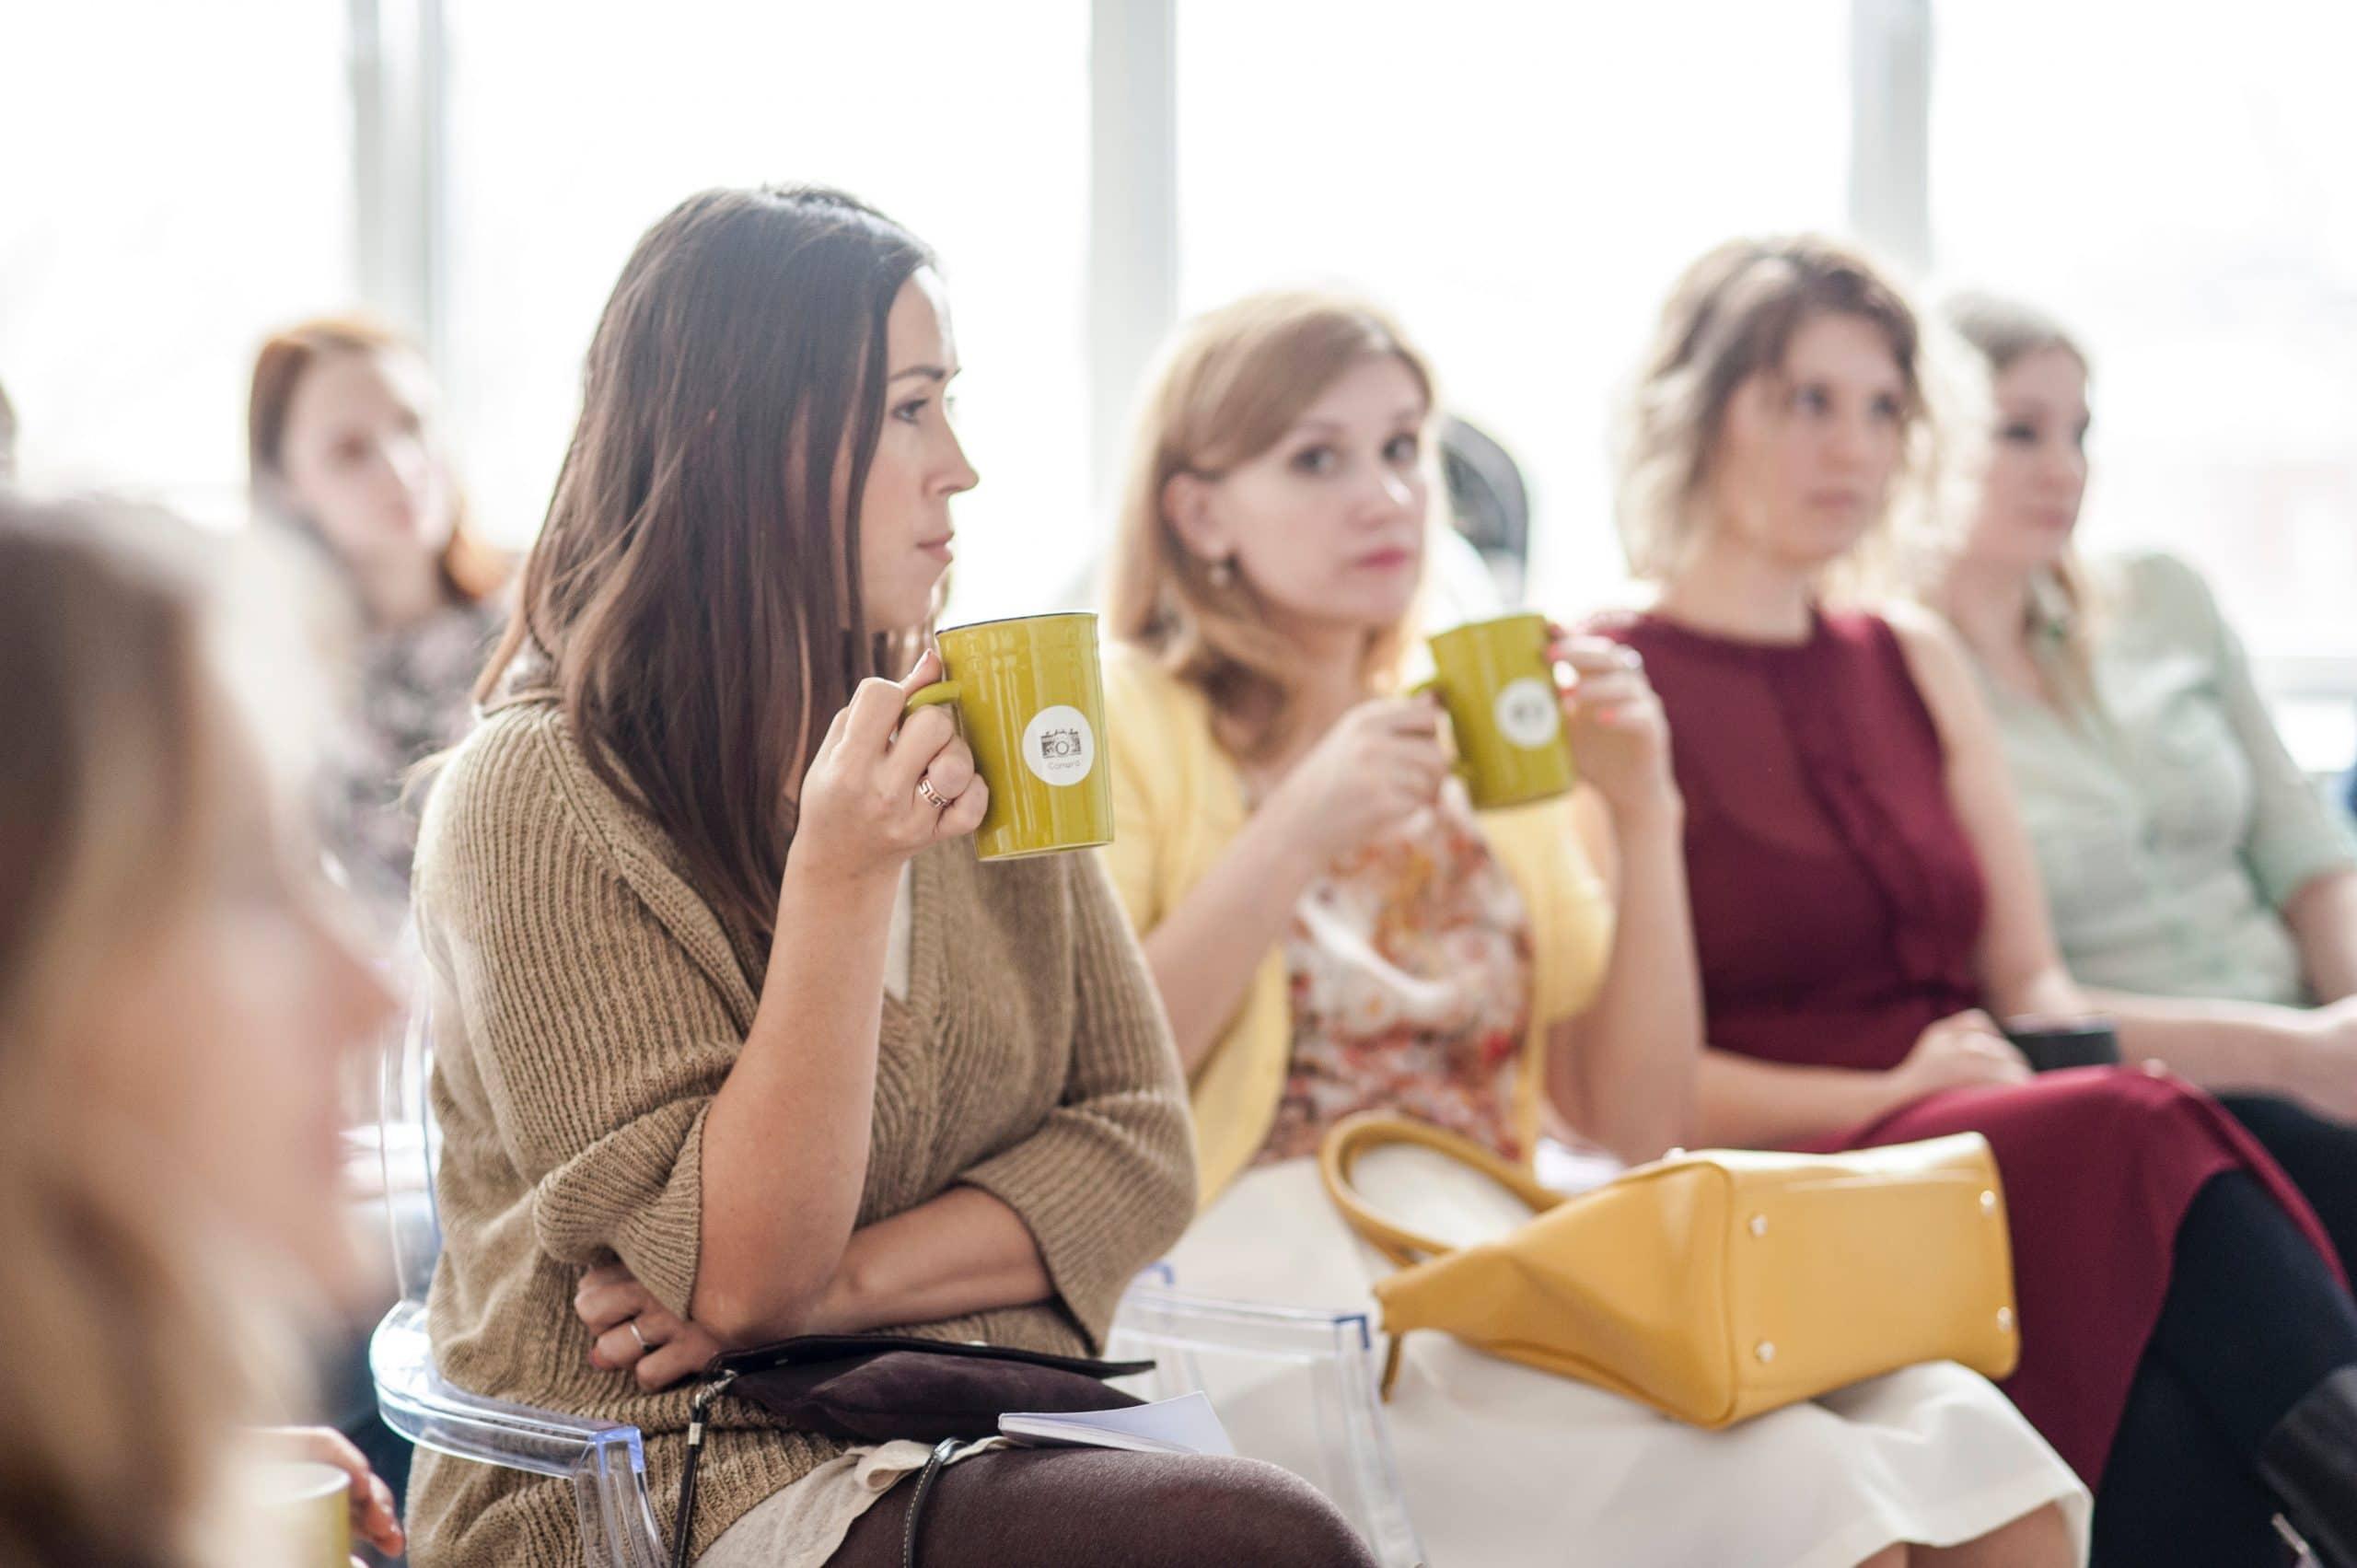 Mulheres sentadas em uma sala de espera, com copos personalizados nas mãos e rostos impacientes.